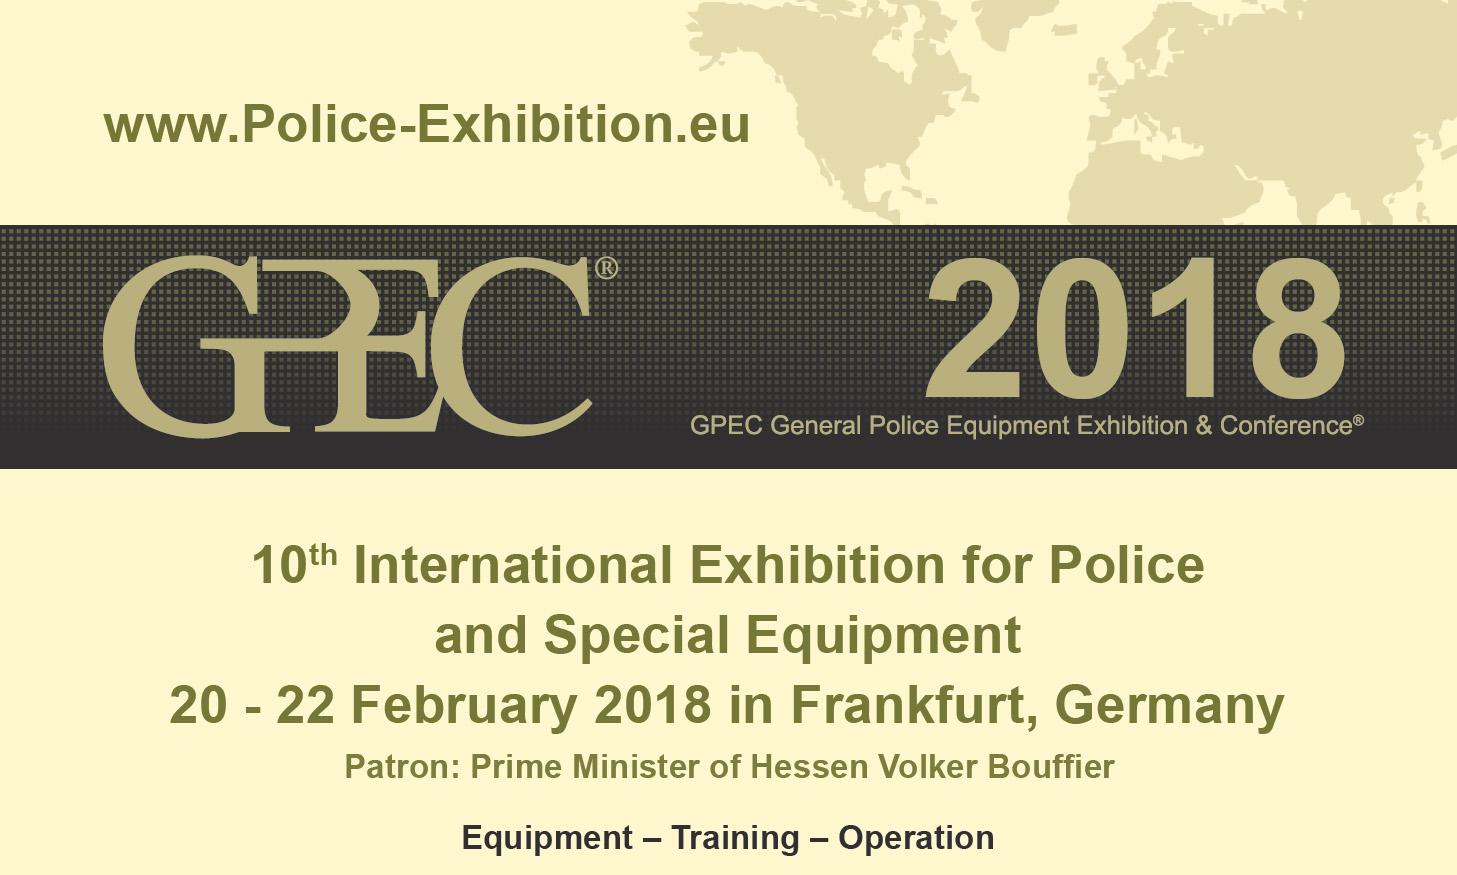 GPEC2018